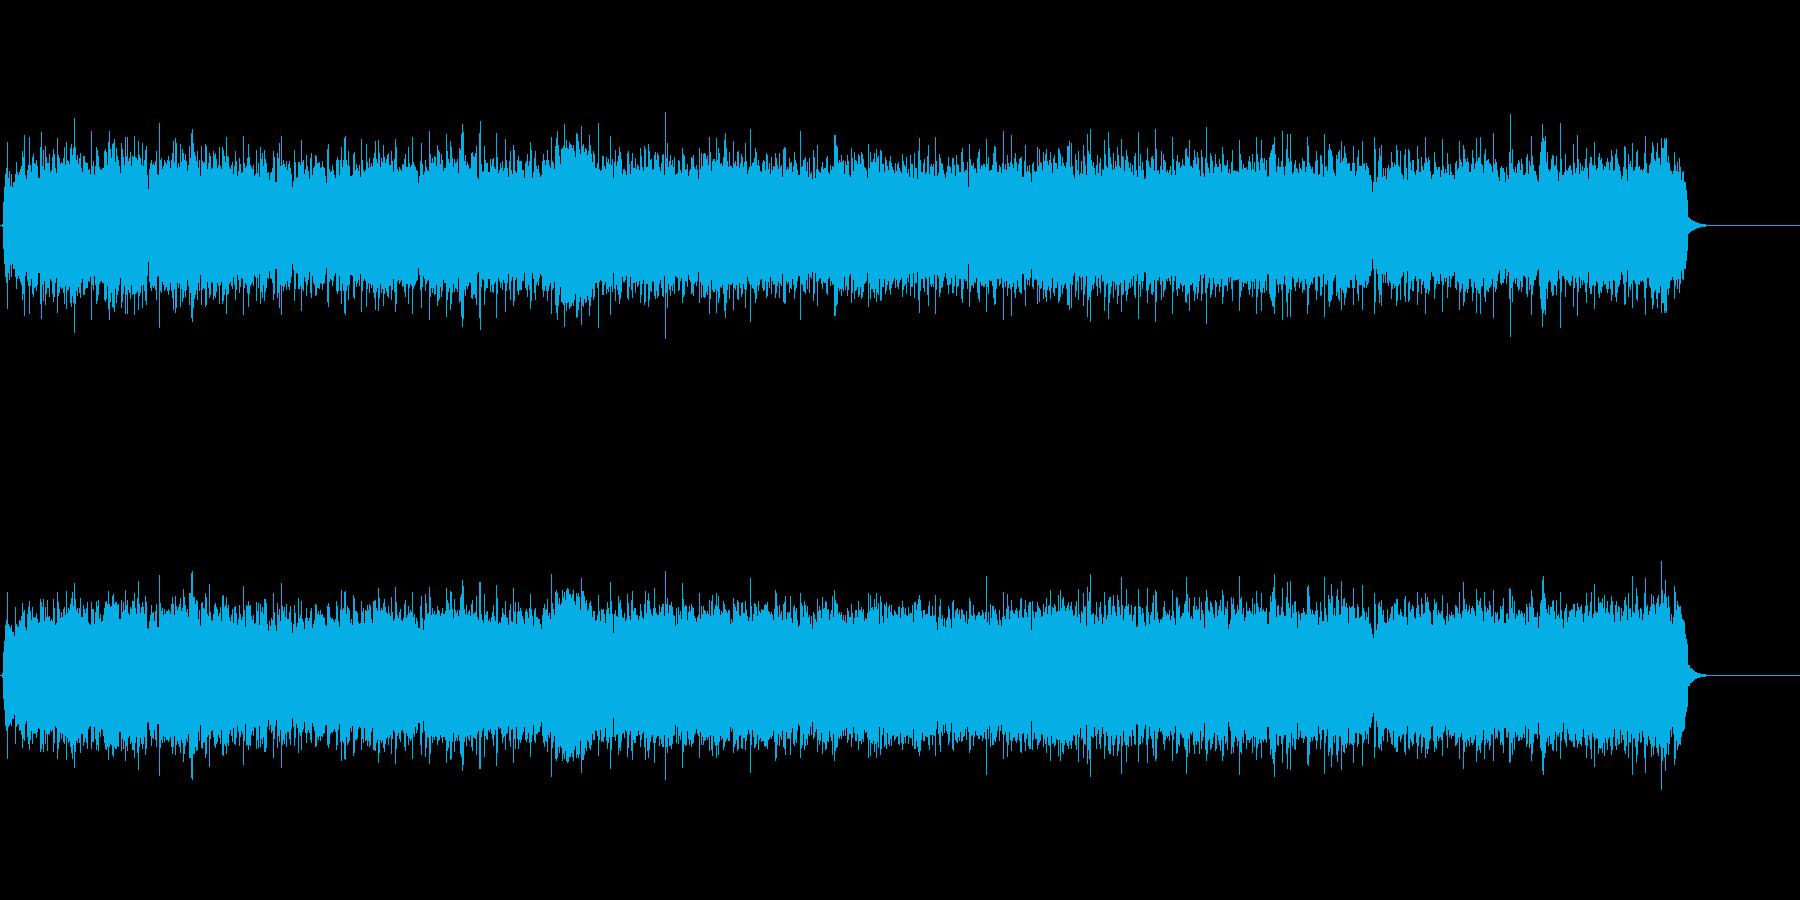 アメリカンスタイルのタフでワイルドな曲の再生済みの波形